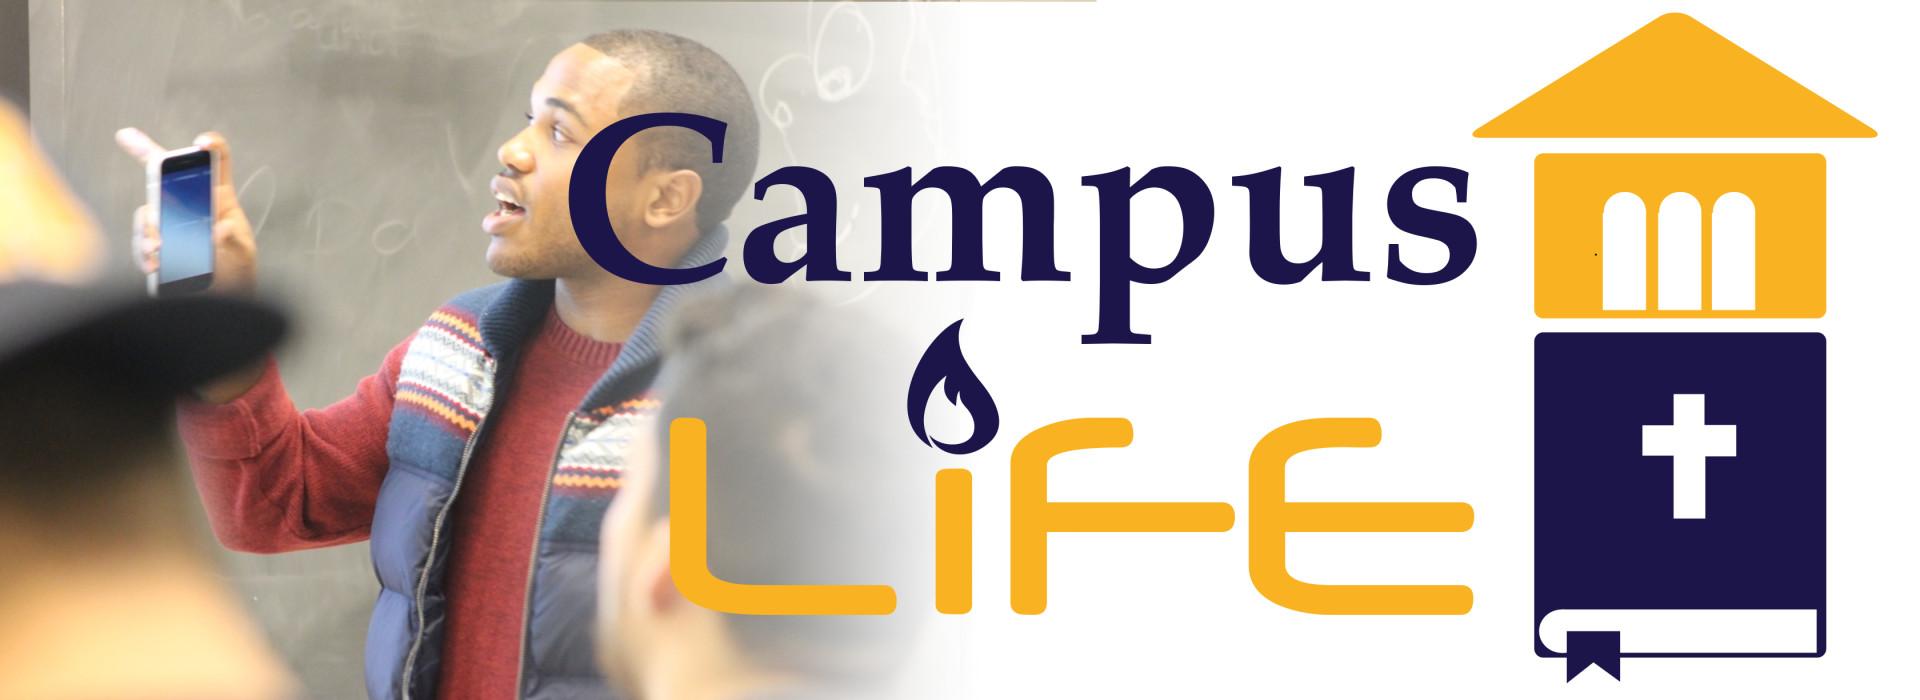 CampusLifewebbanner2